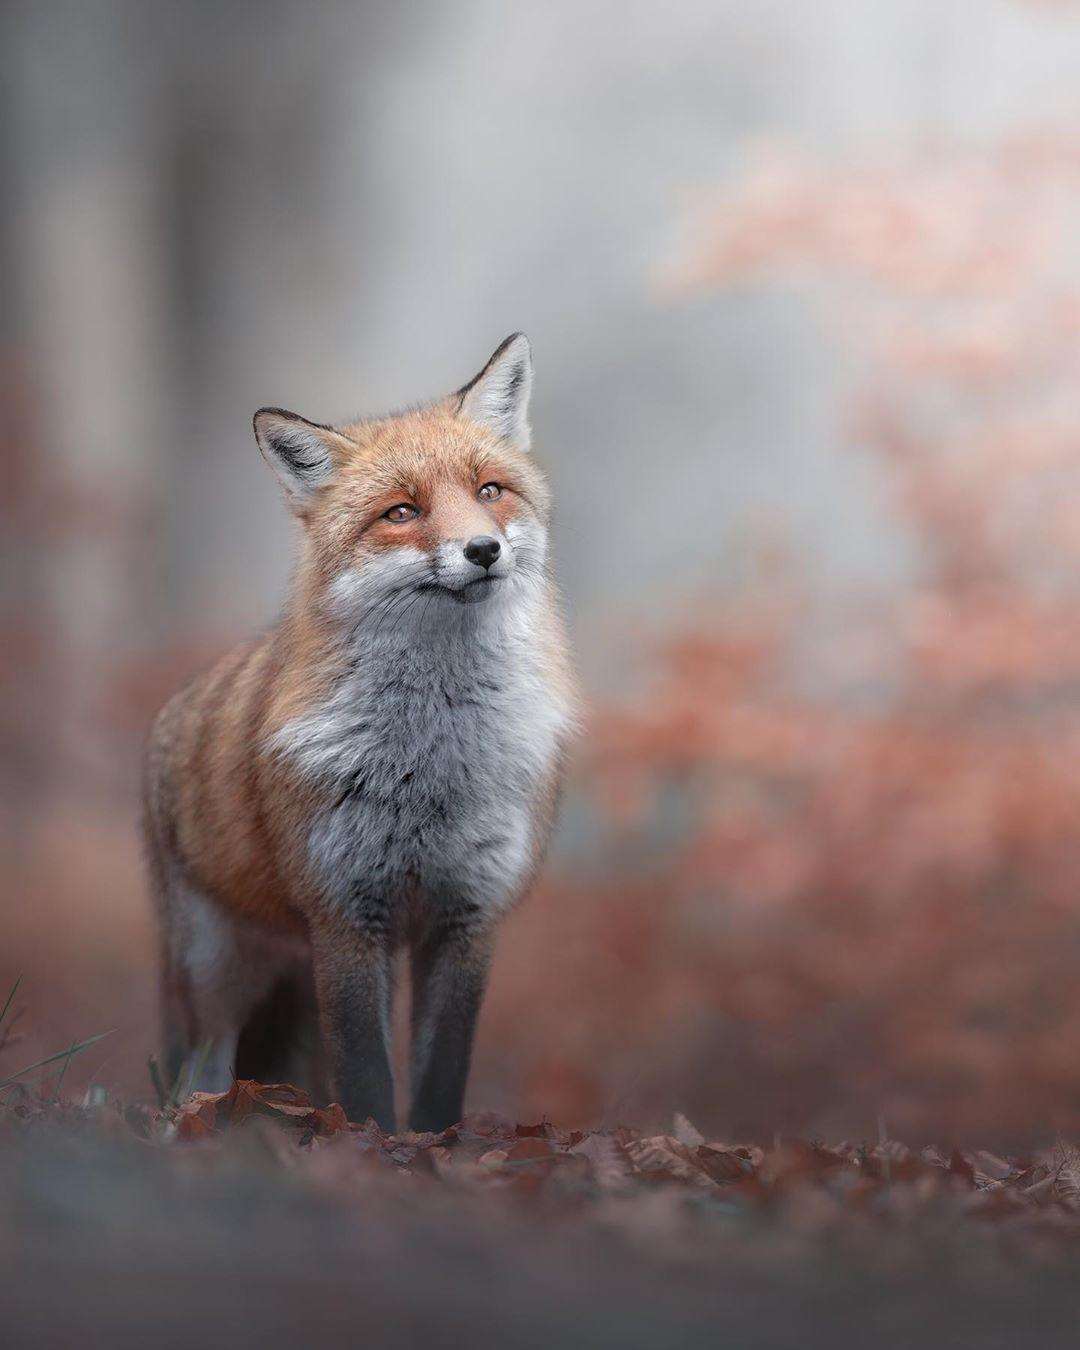 Дикие животные и птицы на снимках Микеле Бавассано